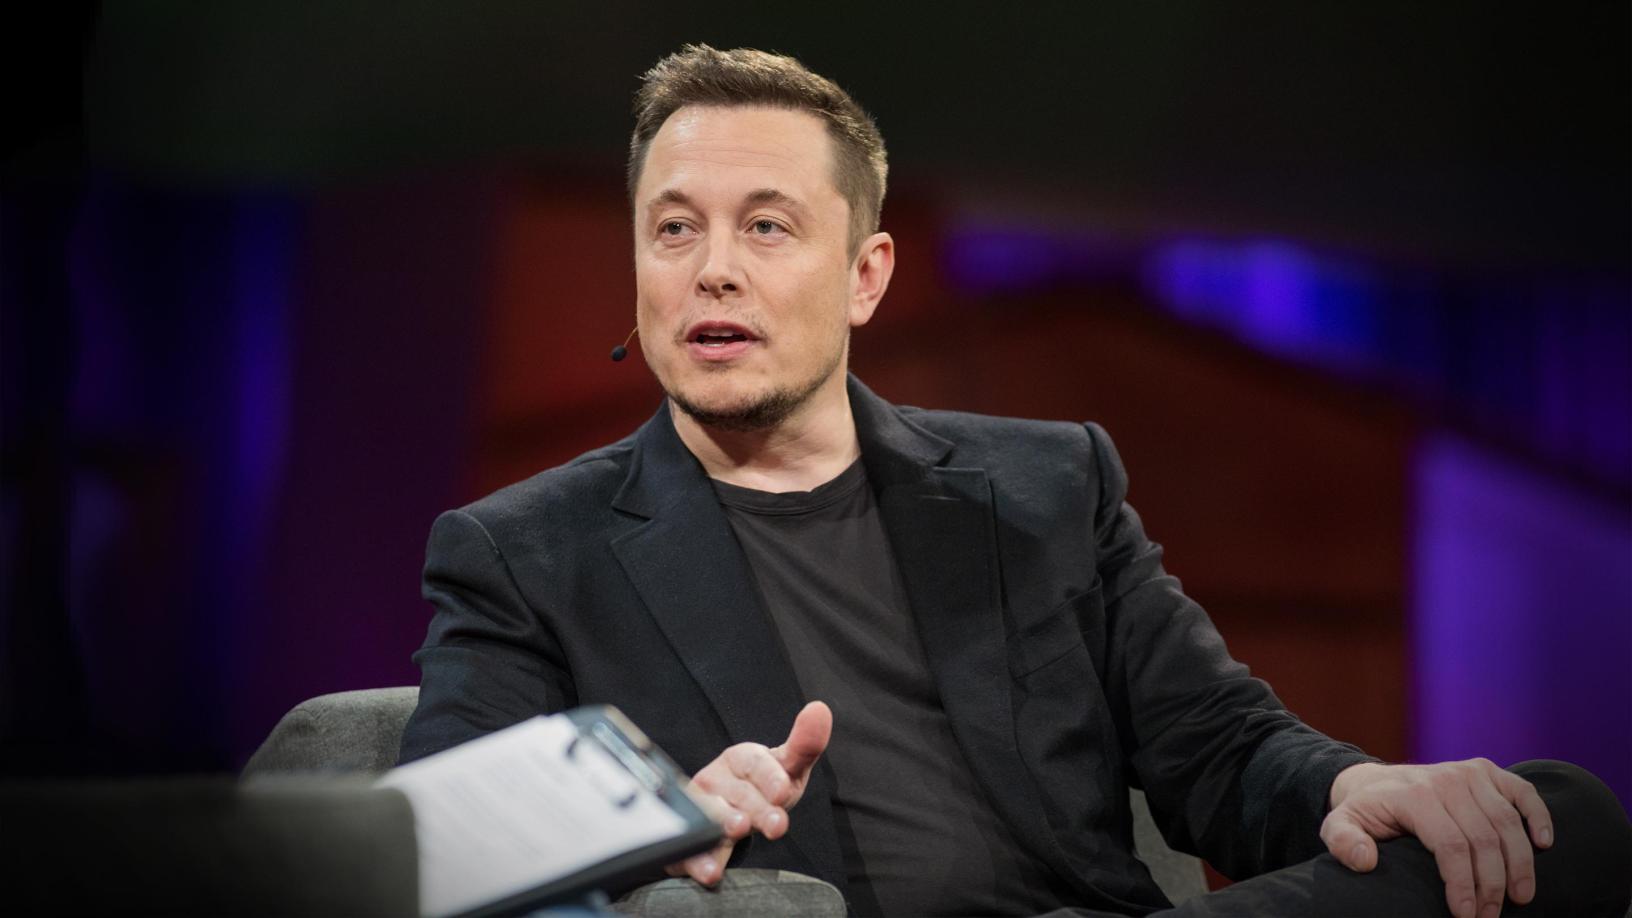 Biografia Infanzia Elon è nato il 28 giugno 1971 a Pretoria in Sudafrica da Maye Haldeman dietologa e modella canadese ed Errol Musk ingegnere elettromeccanico